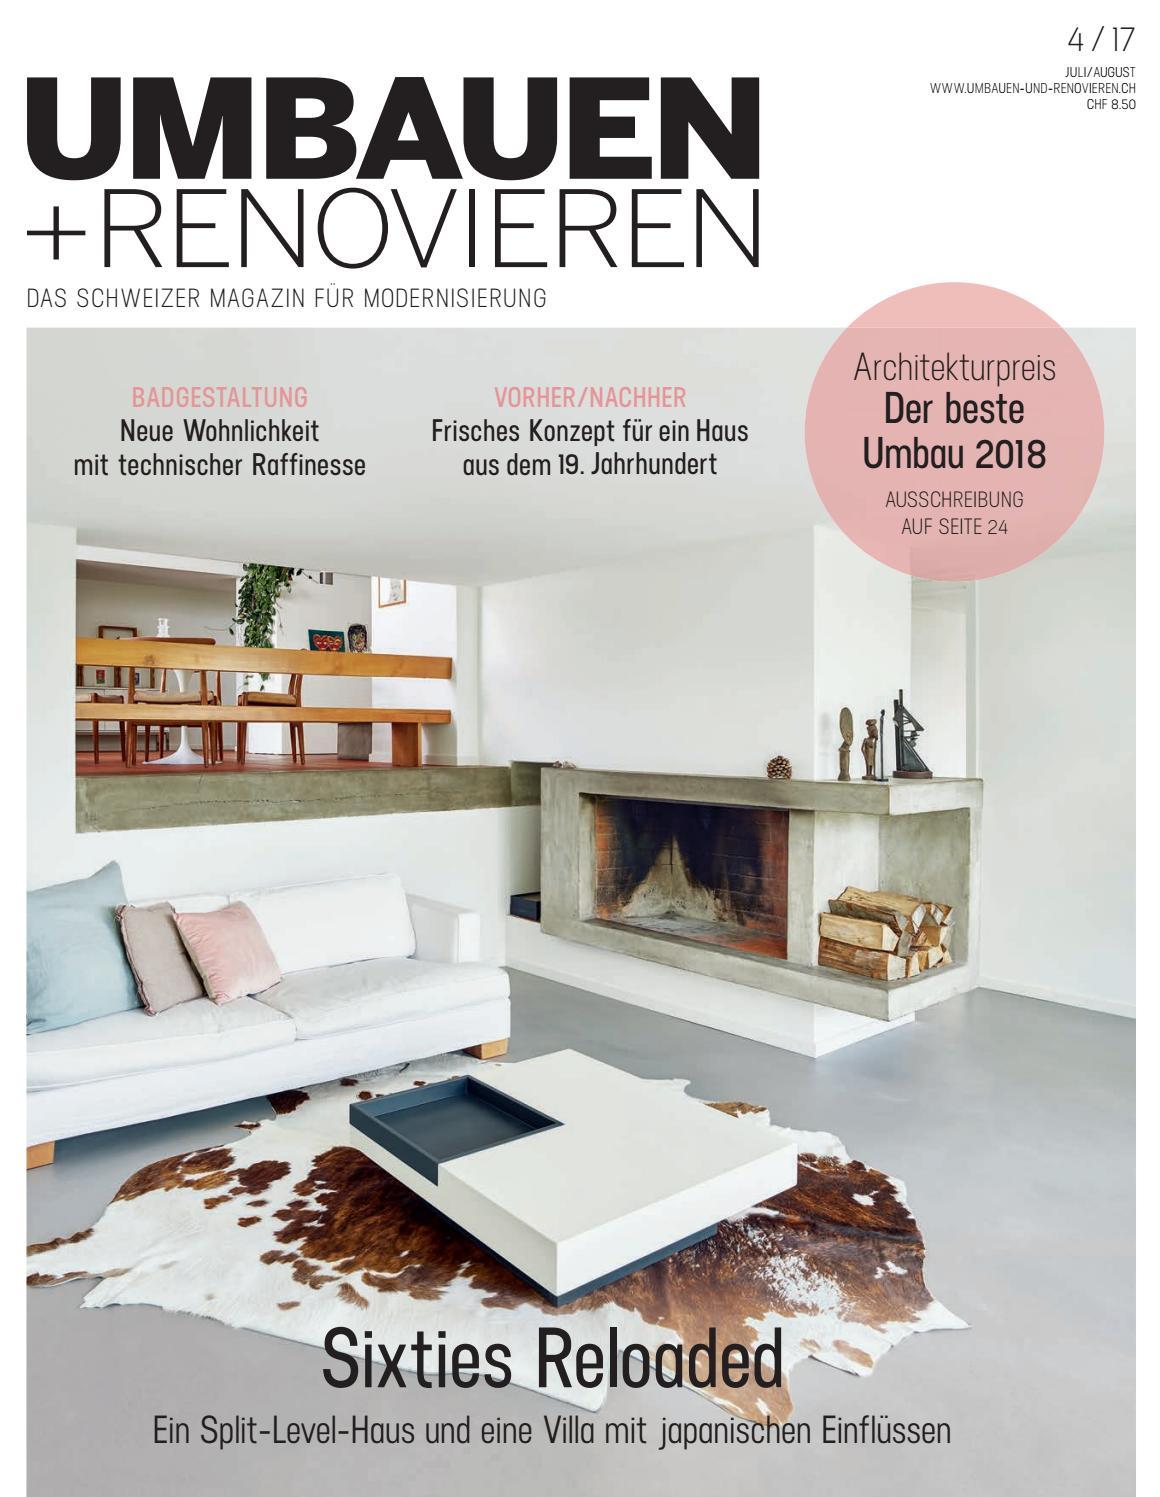 UMBAUEN + RENOVIEREN 04/2017 by Archithema Verlag - issuu